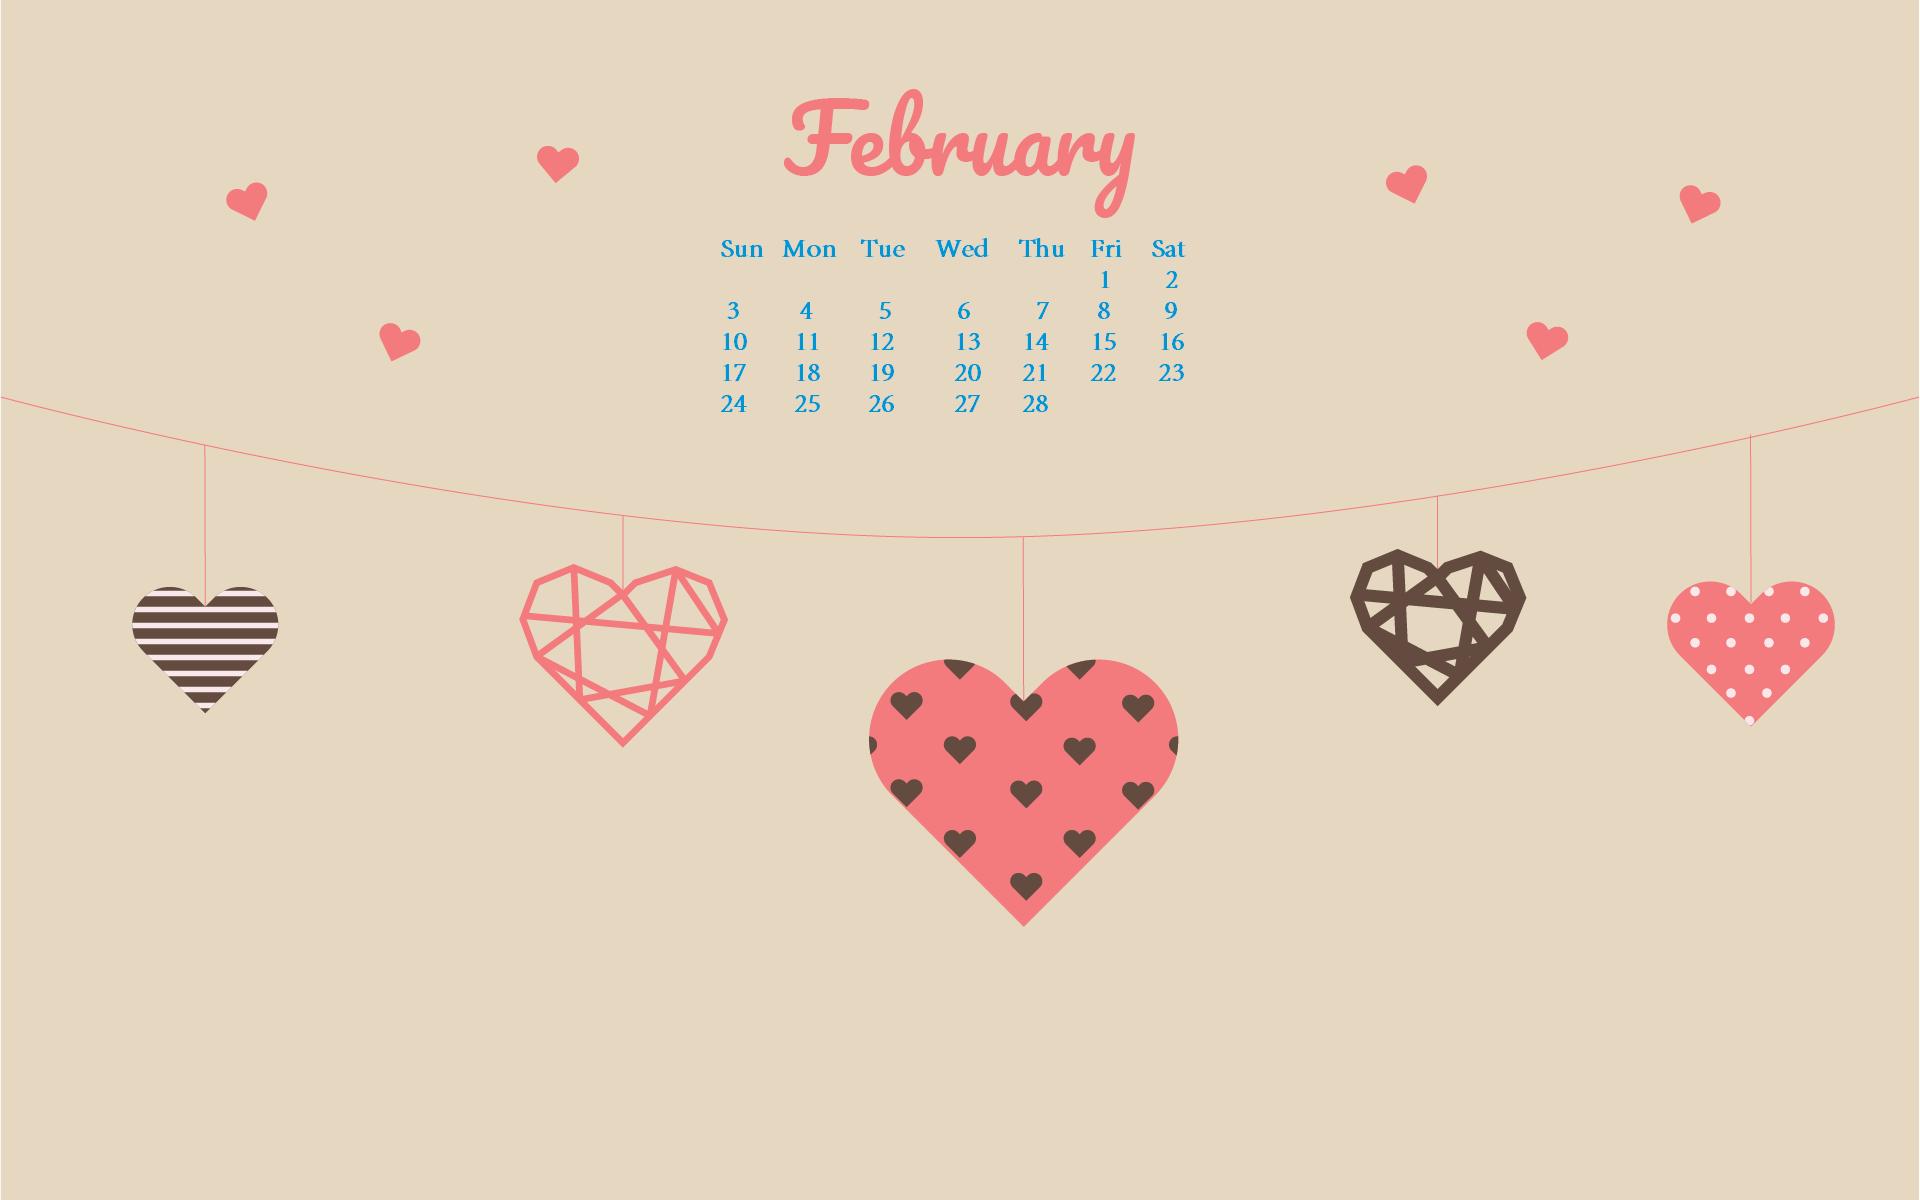 February 2019 Calendar Desktop Wallpaper February 2019 HD Desktop Calendar Wallpaper #february